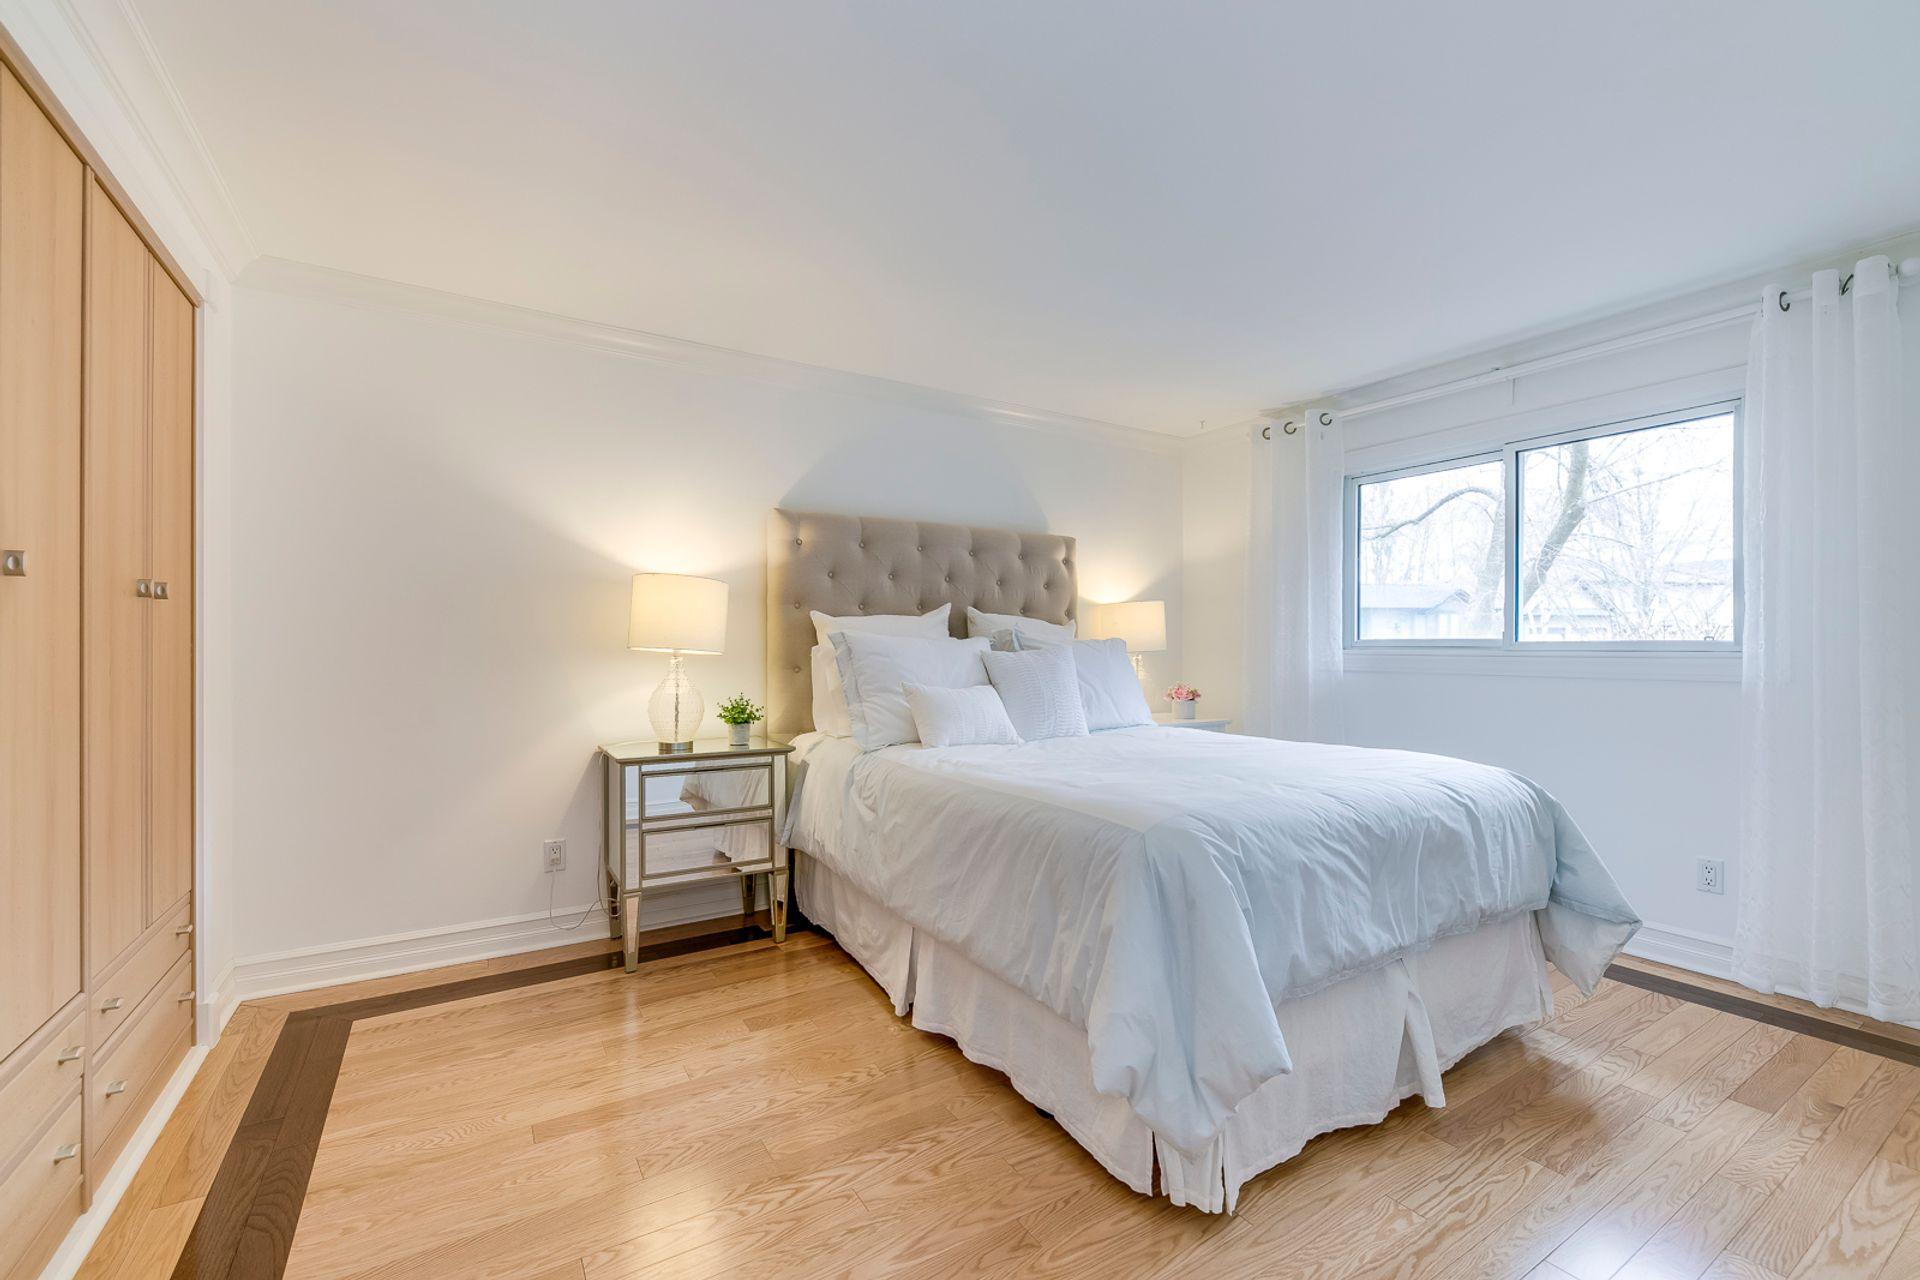 Master Bedroom - 2129 Constance Dr, Oakville - Elite3 & Team at 2129 Constance Drive, Eastlake, Oakville